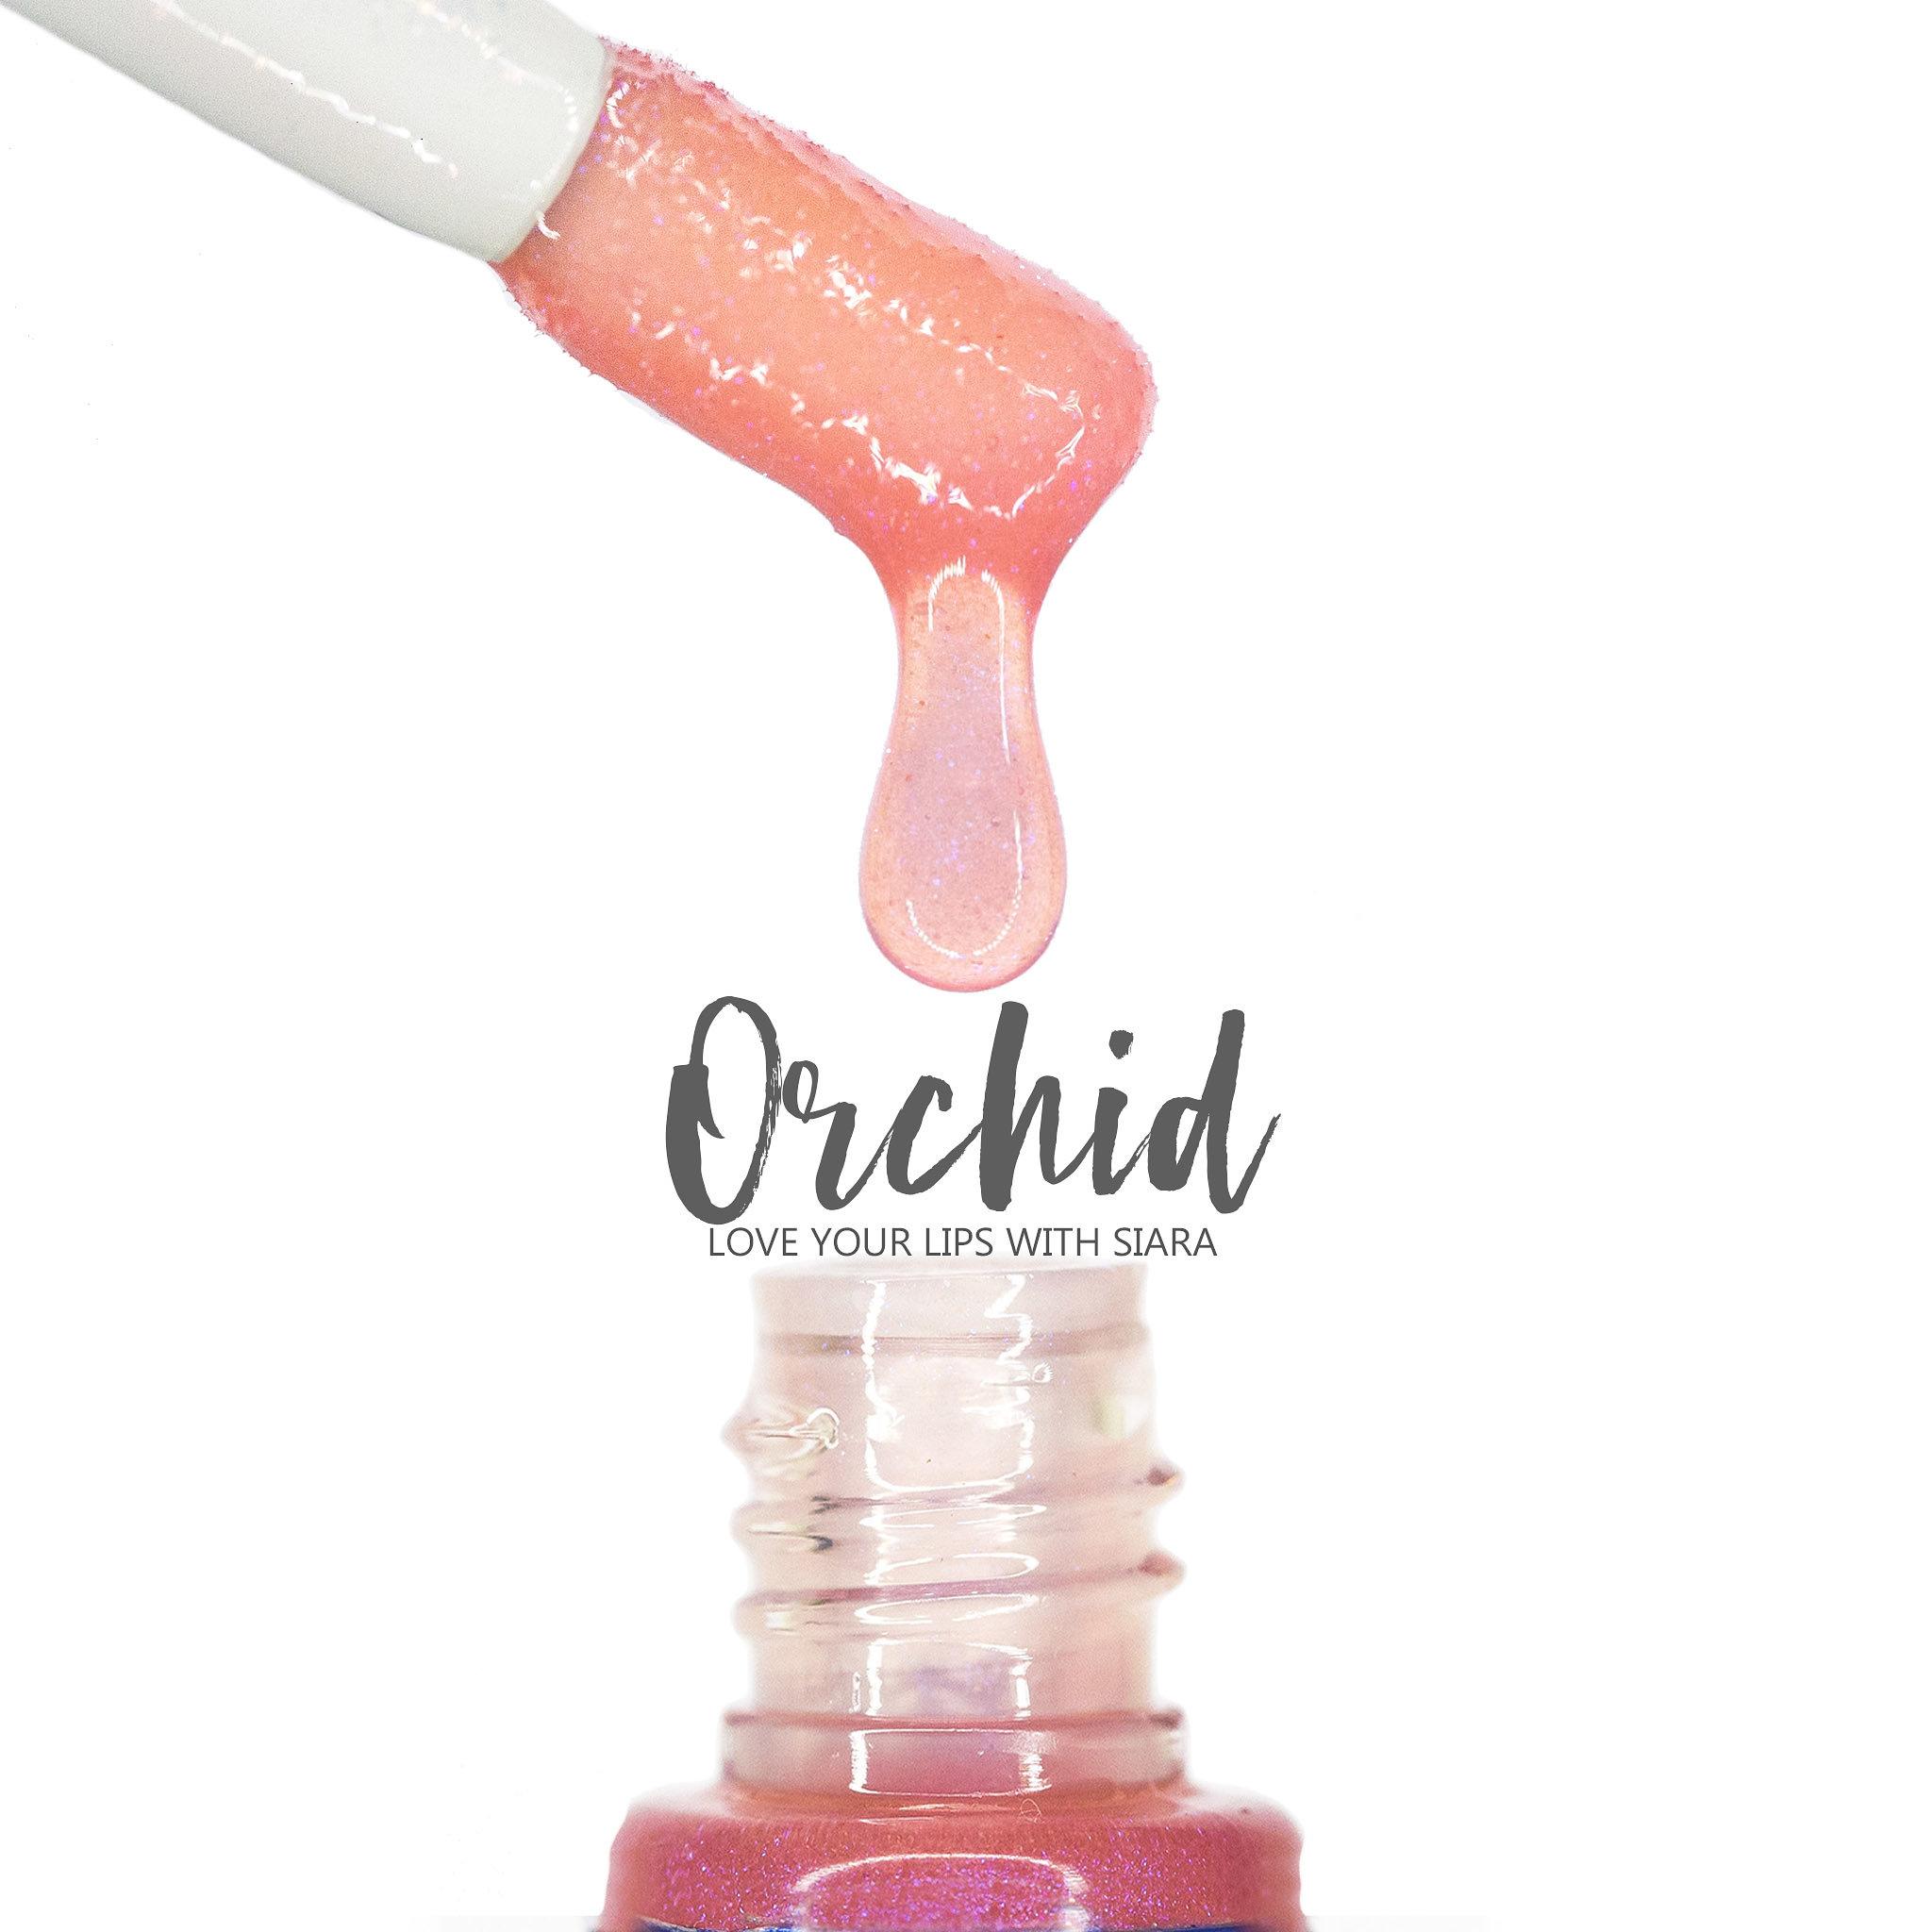 orhicd